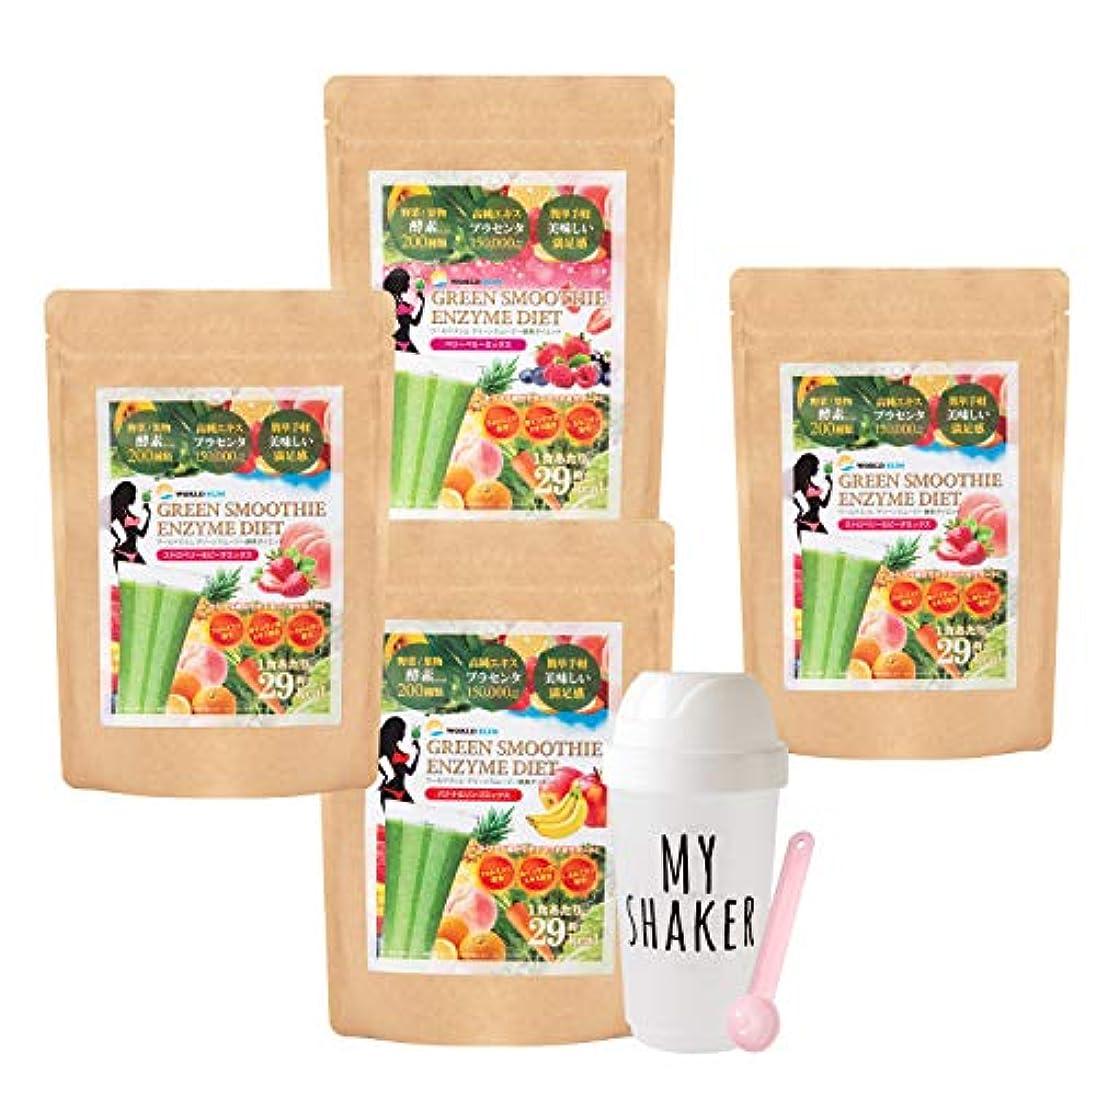 いつも里親トレーダー【選べるグリーンスムージー3個セット】ワールドスリムグリーンスムージー酵素ダイエット3袋セット World Slim Green Smoothie Enzyme Diet (A.バナナ/ストロベリー/ベリーベリー, グリーンスムージー...